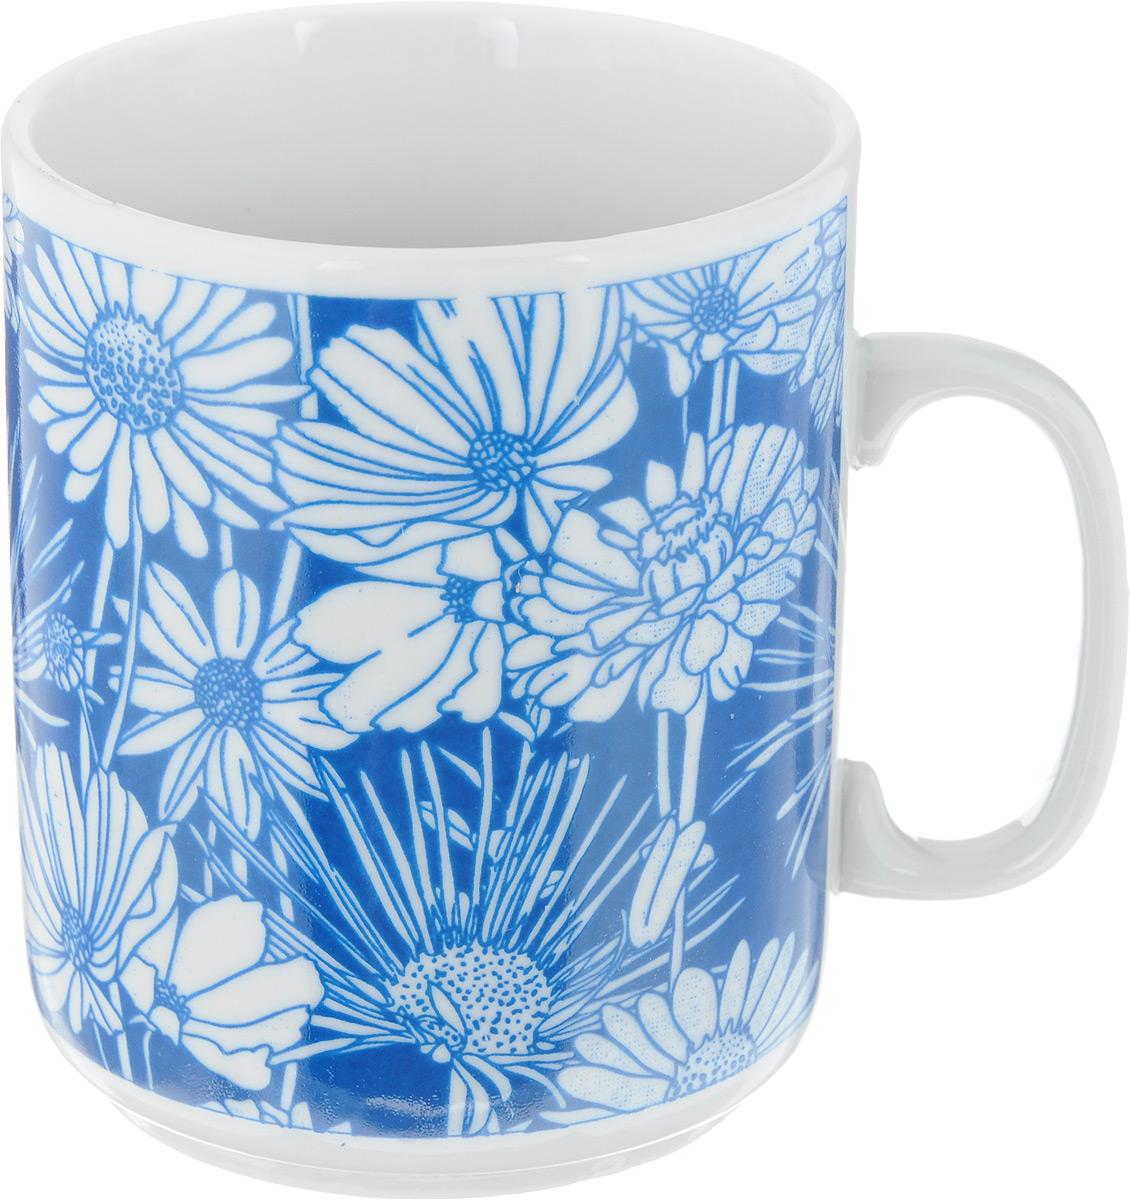 Кружка Фарфор Вербилок Цветочная поляна, цвет: темно-синий, 300 мл9273960_темно-синийКружка Фарфор Вербилок Цветочная поляна способна скрасить любое чаепитие. Изделие выполнено из высококачественного фарфора. Посуда из такого материала позволяет сохранить истинный вкус напитка, а также помогает ему дольше оставаться теплым. Диаметр кружки (по верхнему краю): 8 см. Высота кружки: 9,5 см.